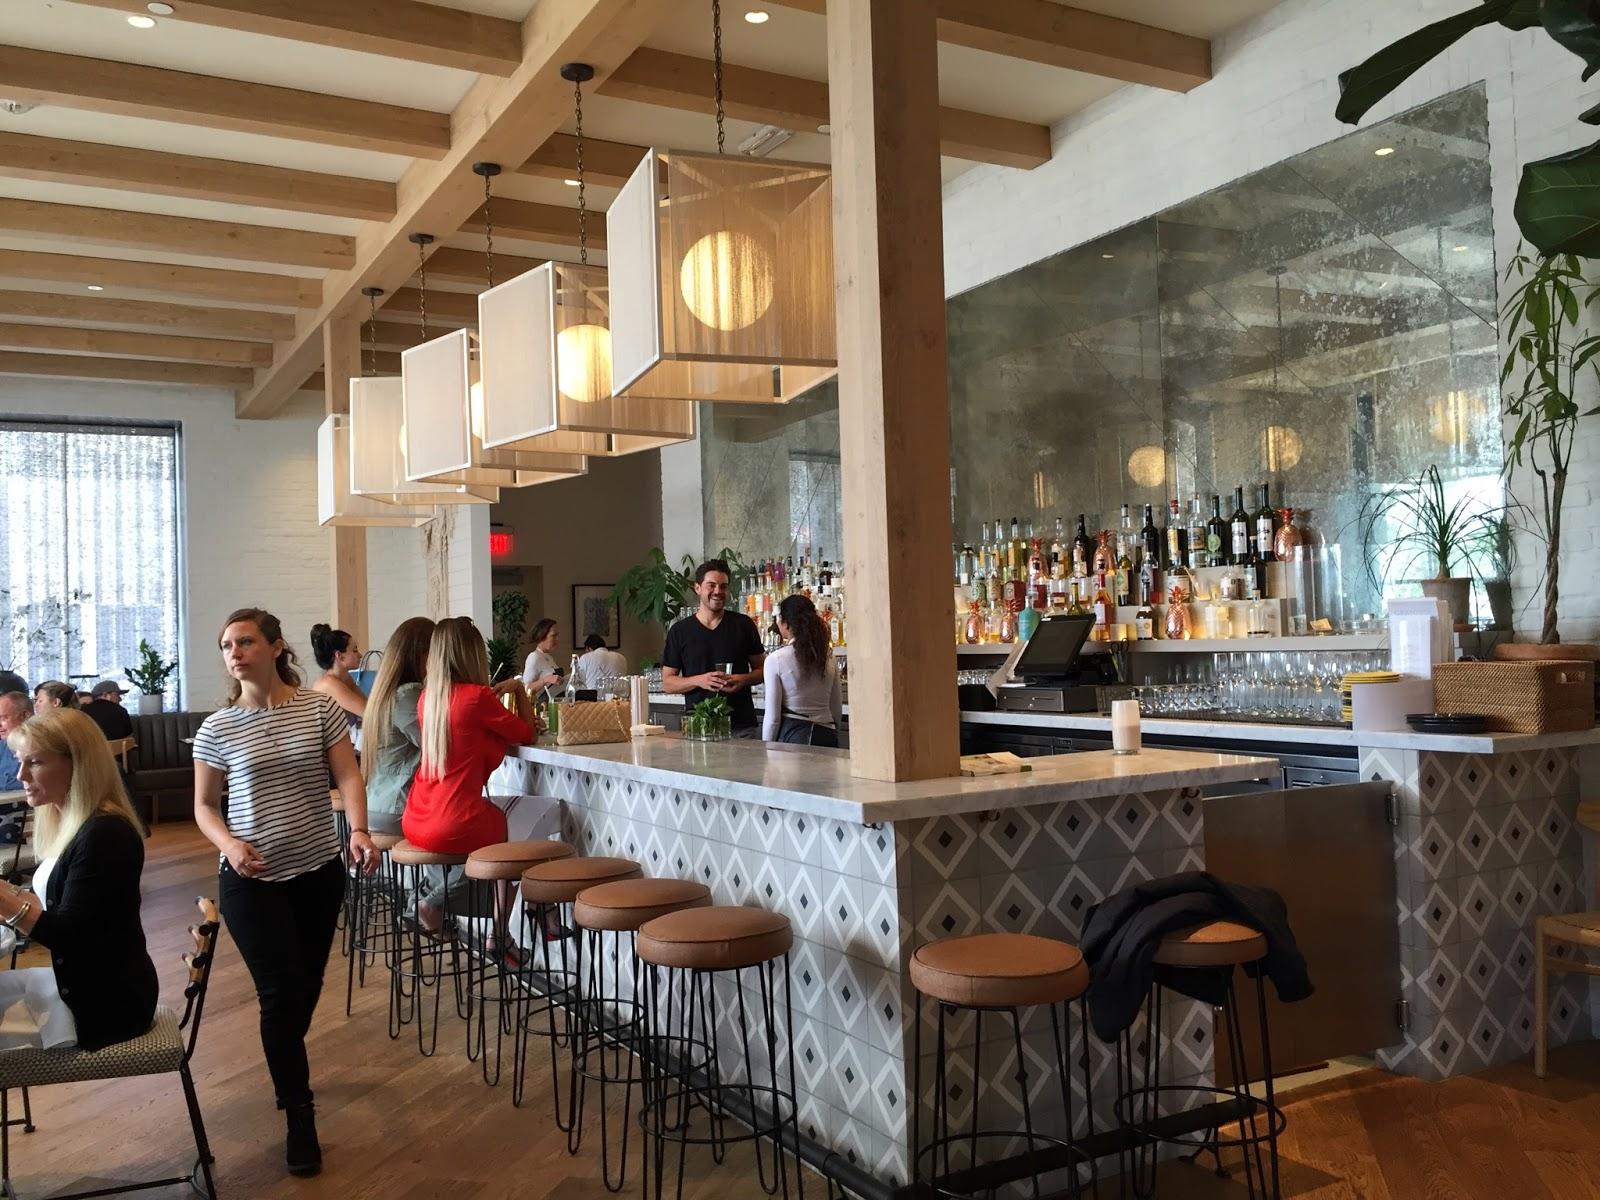 gratitude café in newport beach ~ occinteriordesign